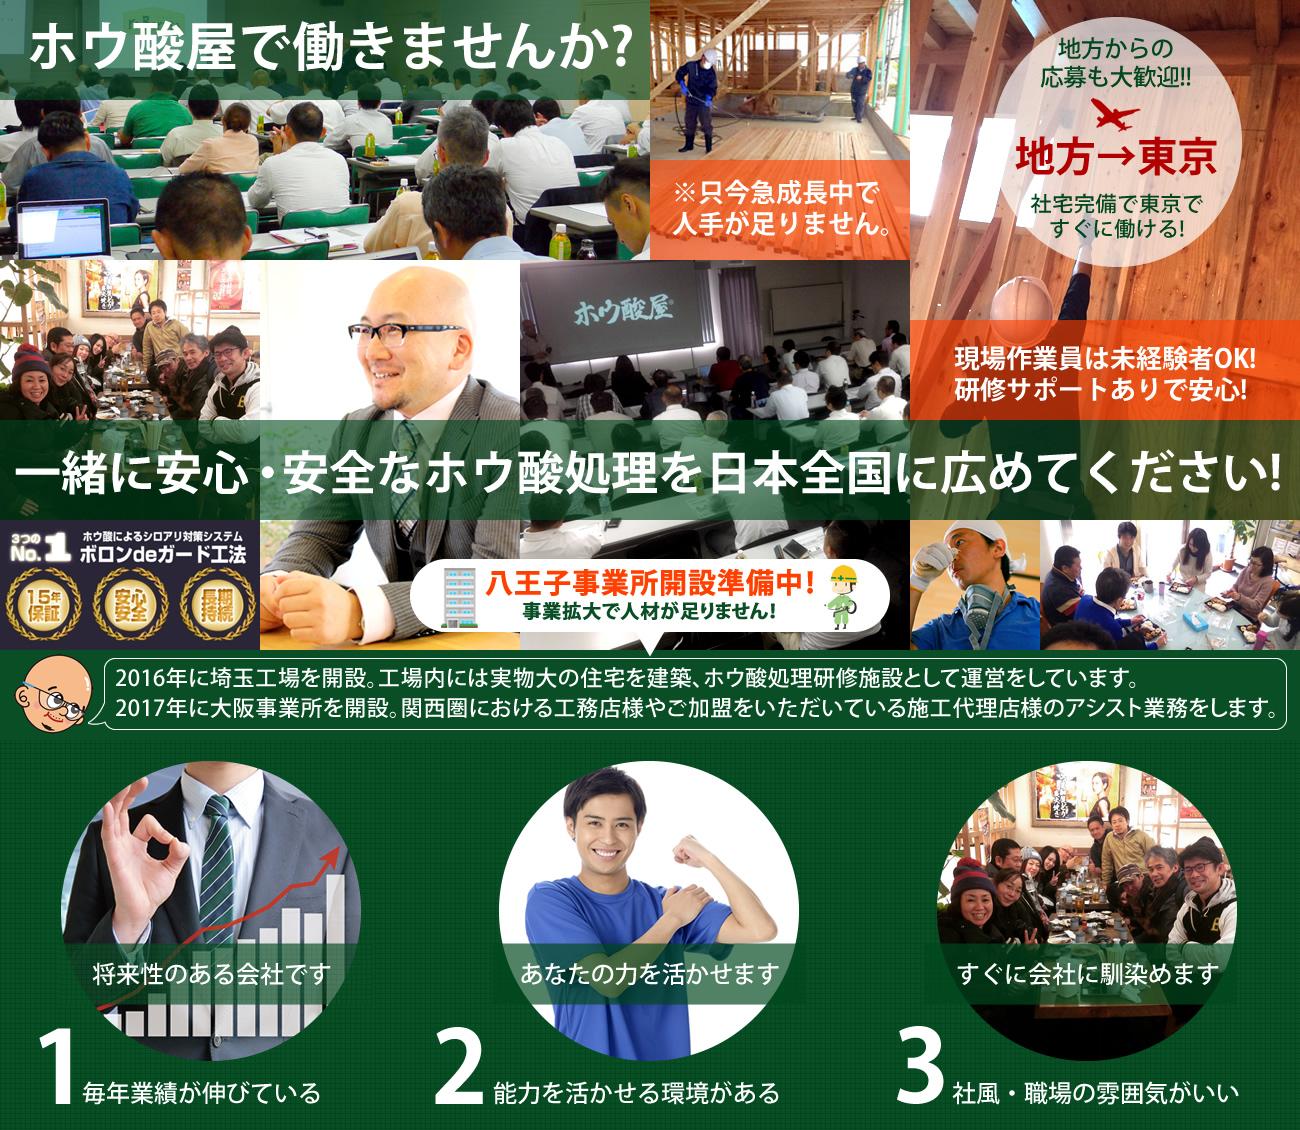 日本ボレイト リクルート 就職